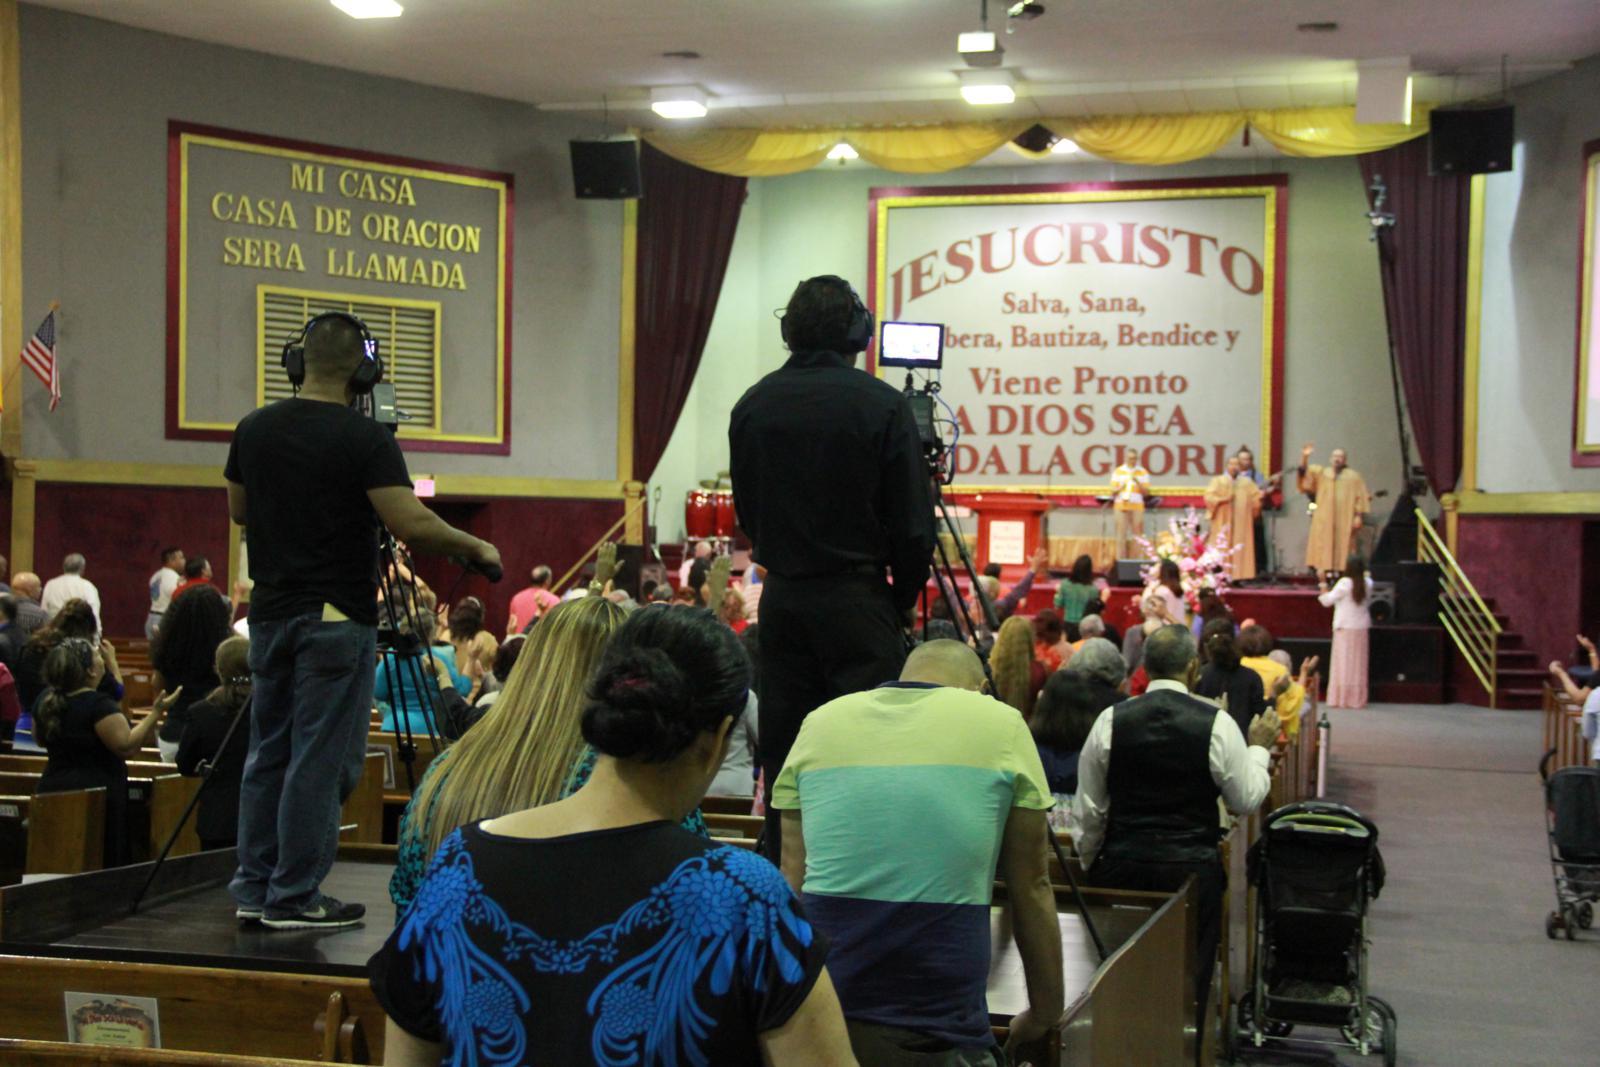 GLORIA A DIOS, 30 ANIVERSARIO ICRLC 07 04, 2016 (135)